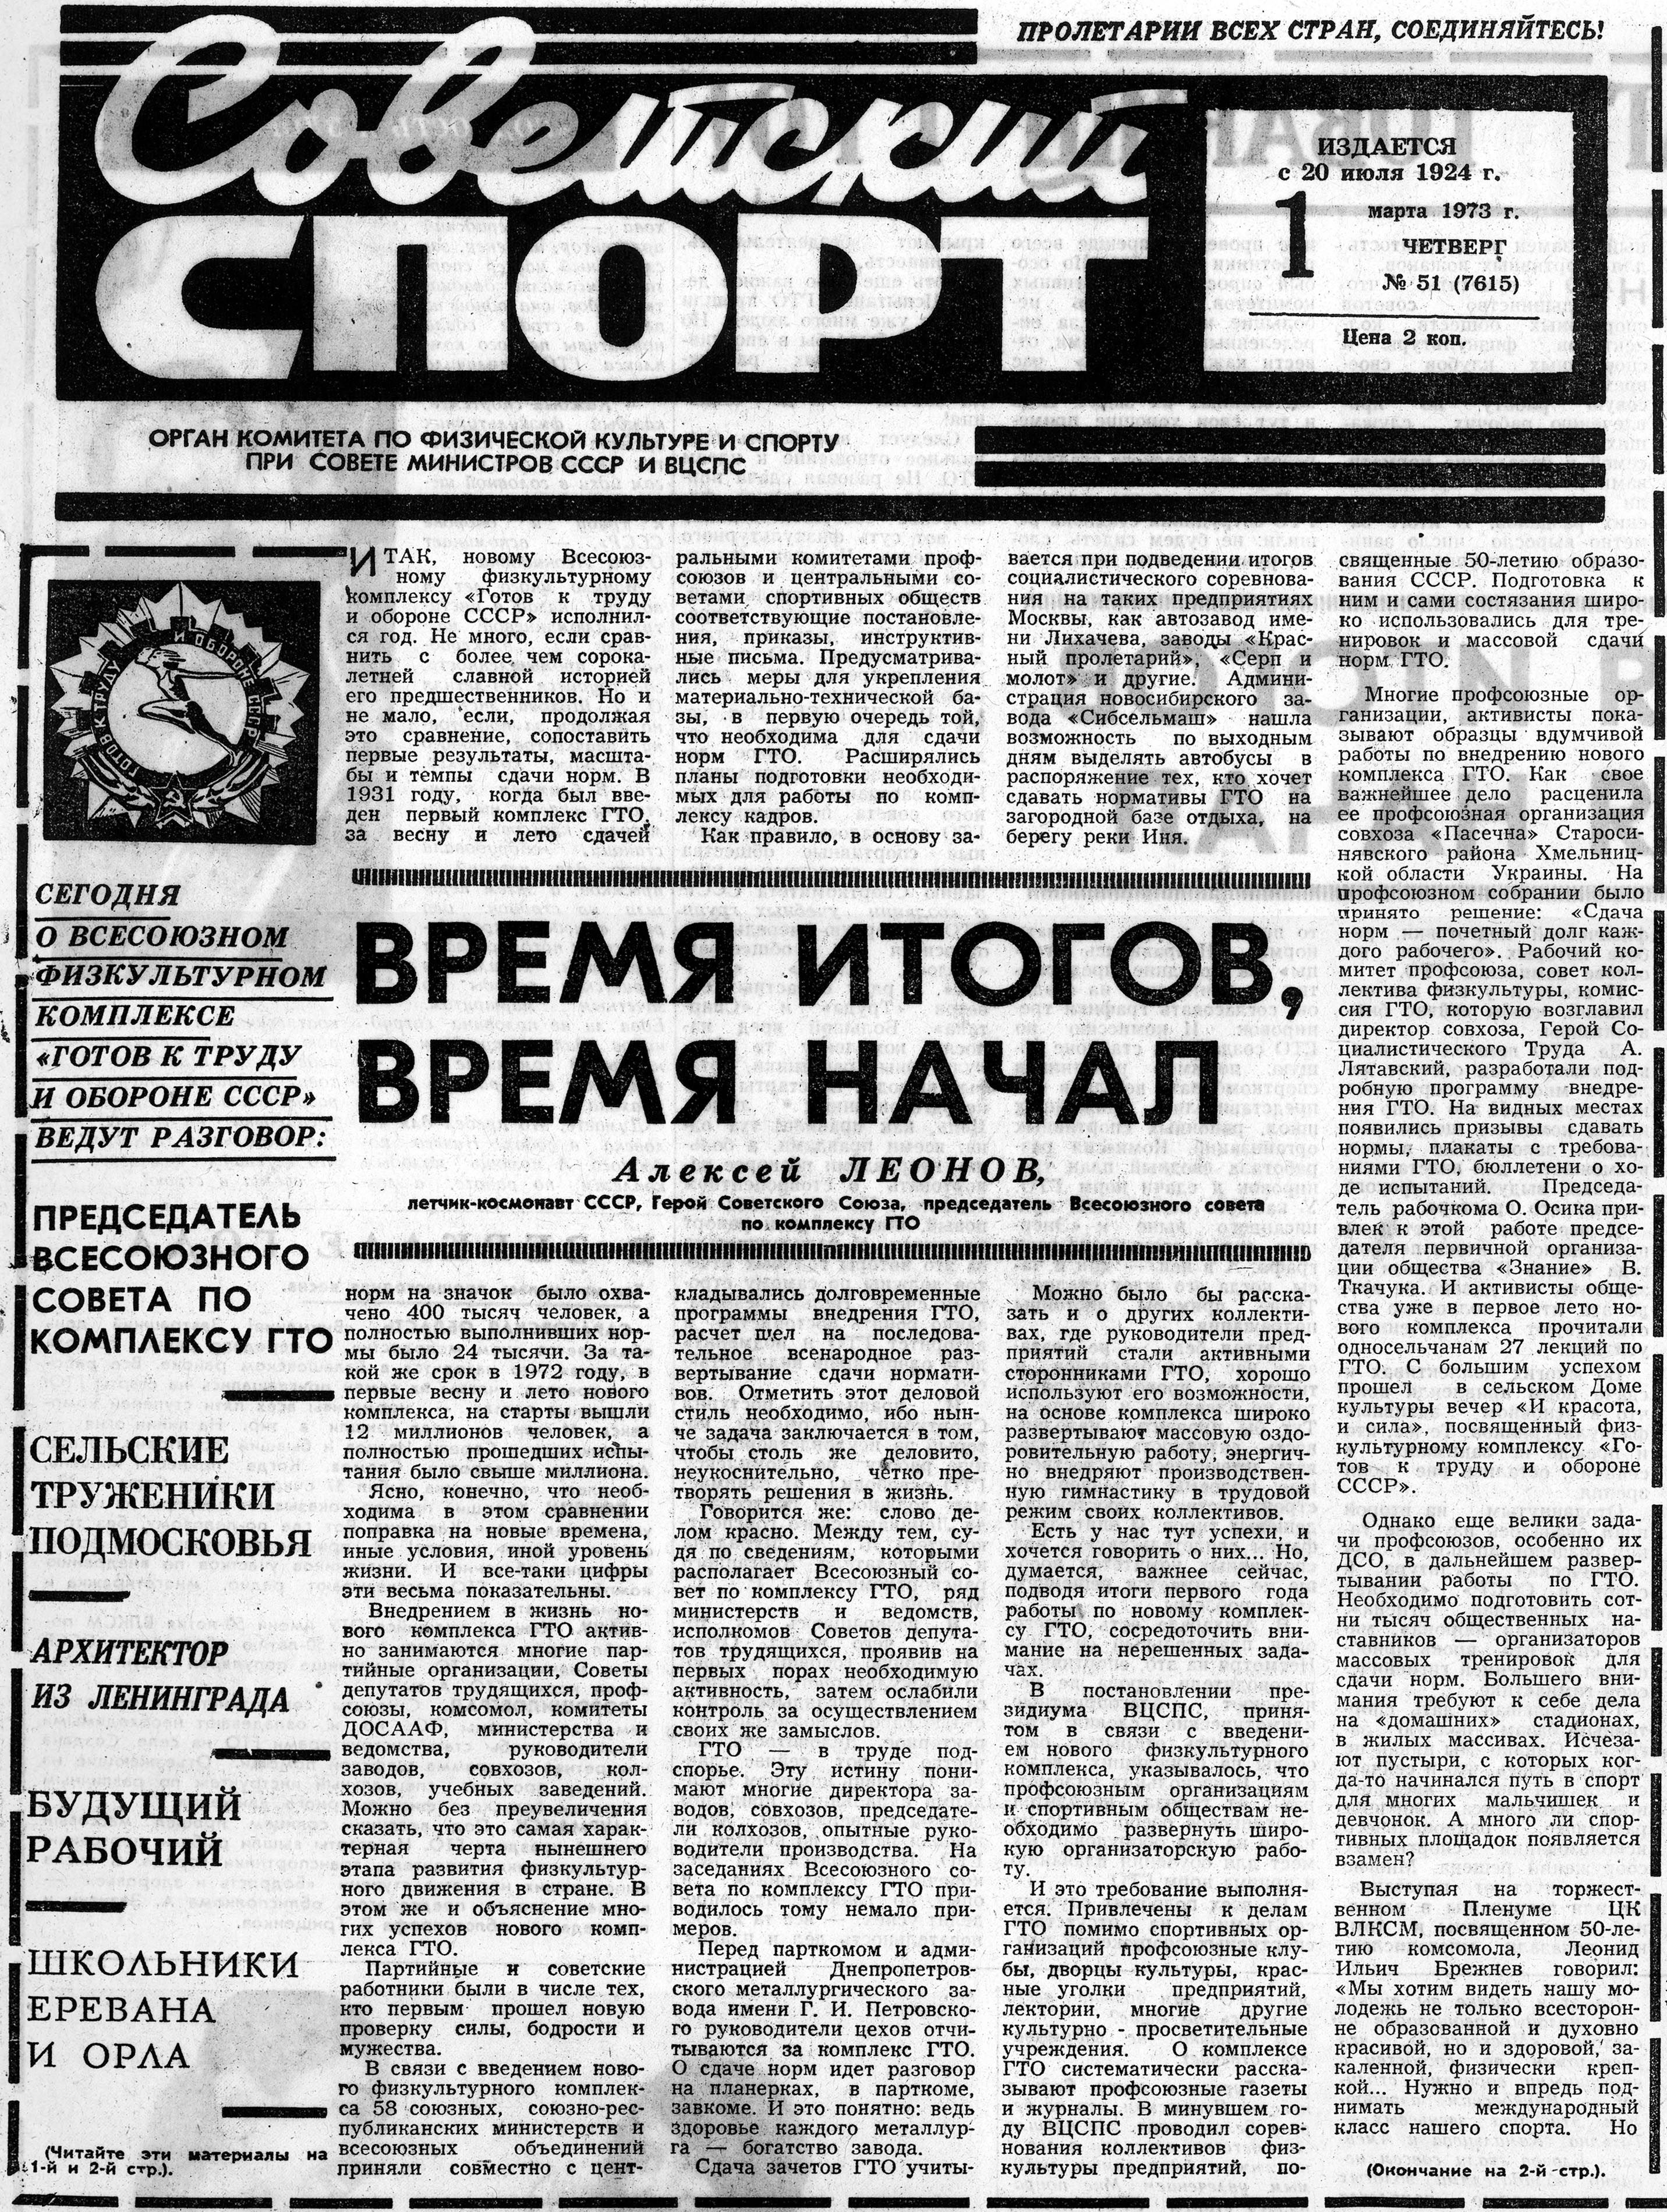 Старые газеты 3